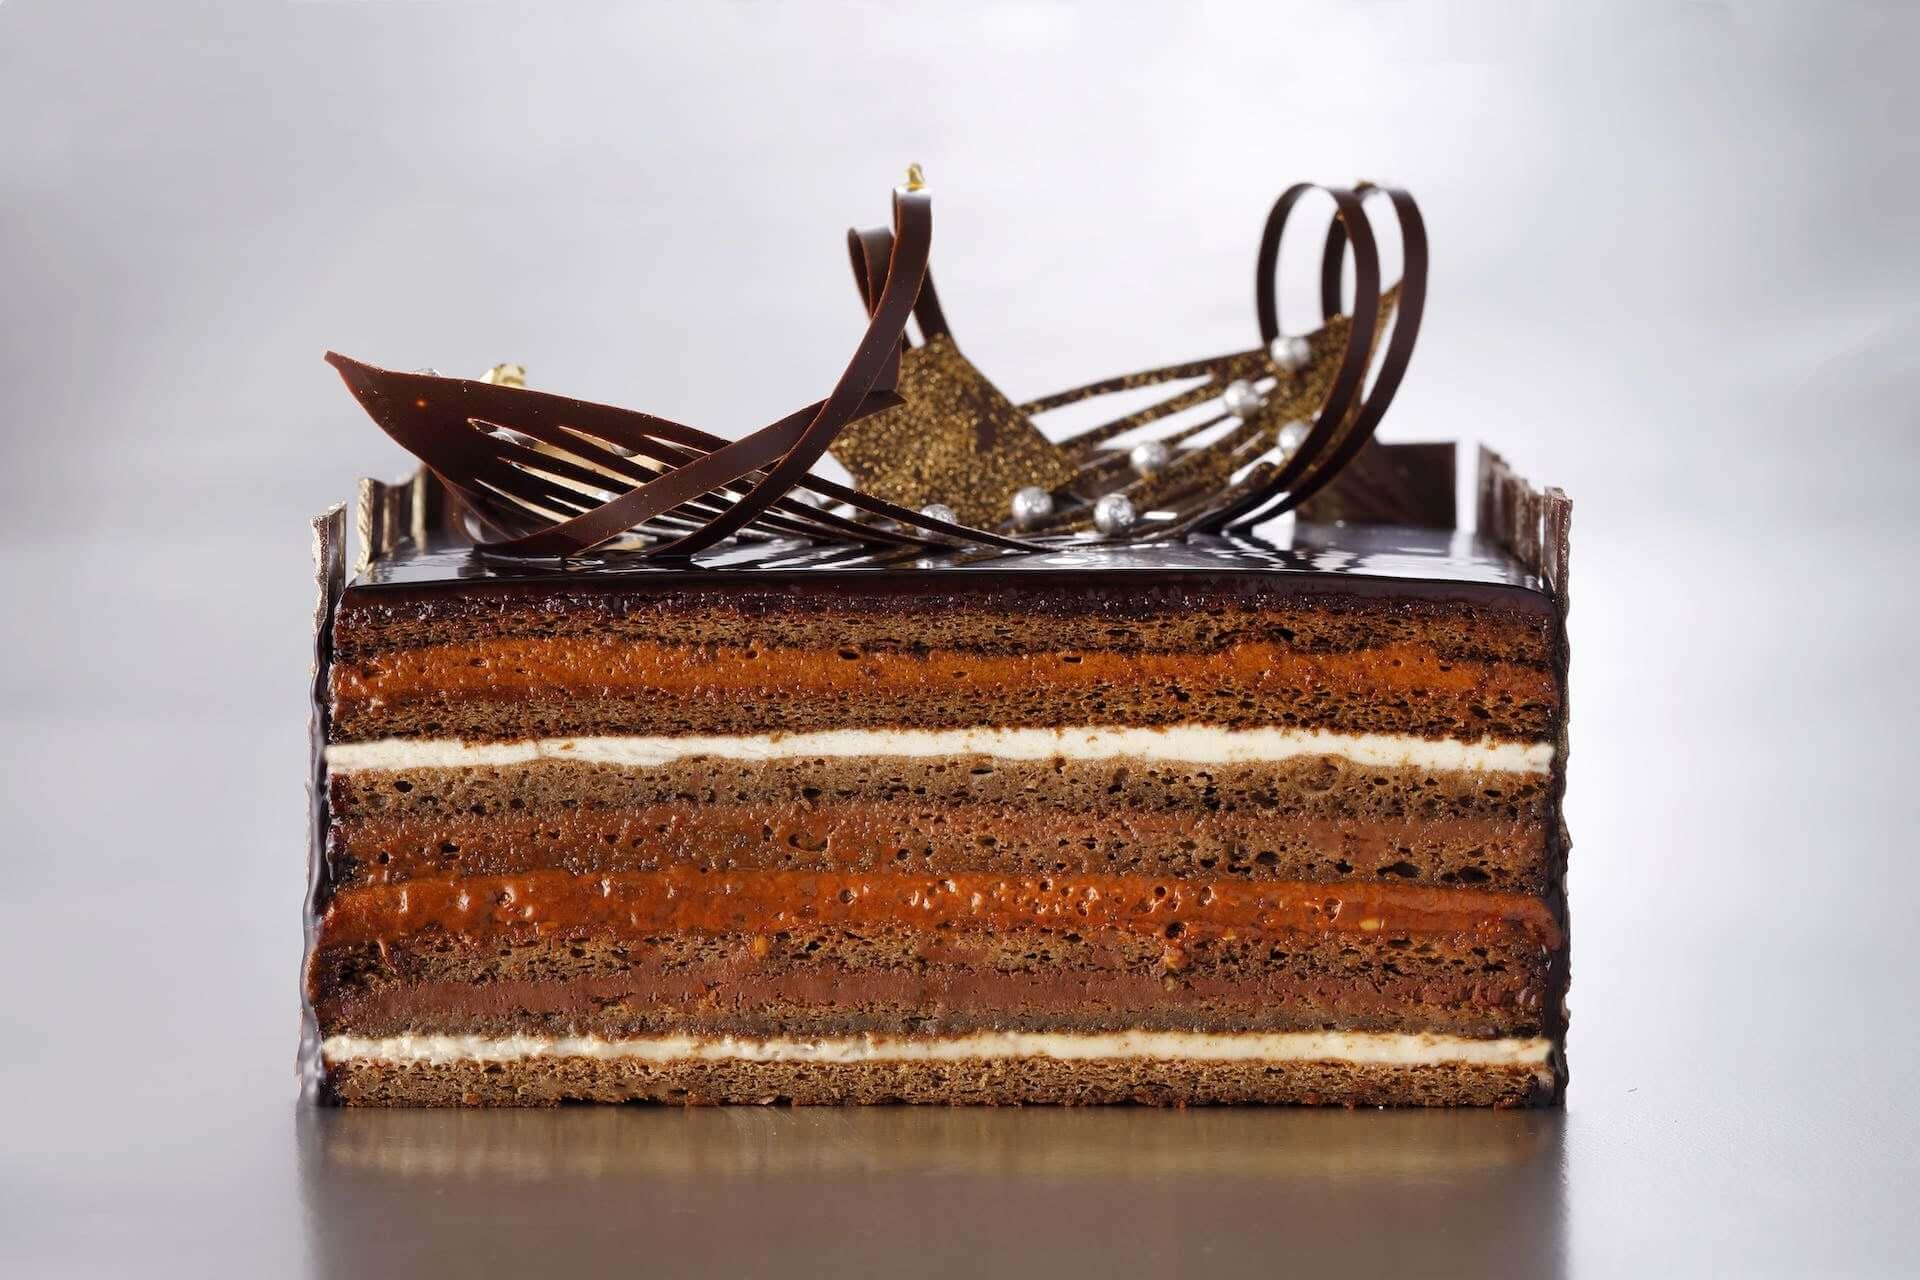 ホテルニューオータニ「パティスリーSATSUKI」にてクリスマスケーキの予約販売がスタート!『スーパーオペラ』『クリスマスタワー』など続々登場 gourmet201005_newotani_5-1920x1280